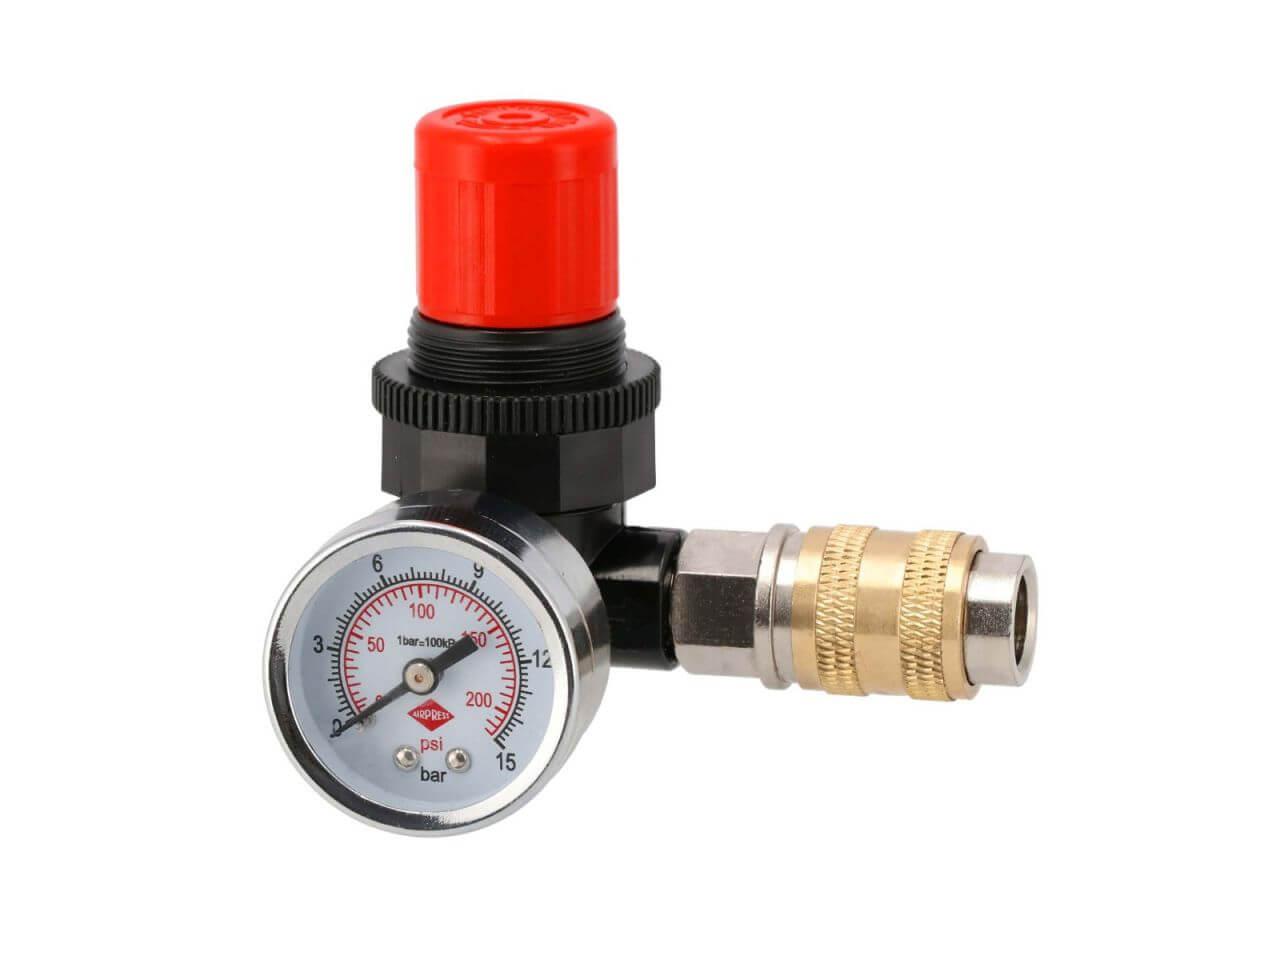 Reducteur de pression avec raccord rapide